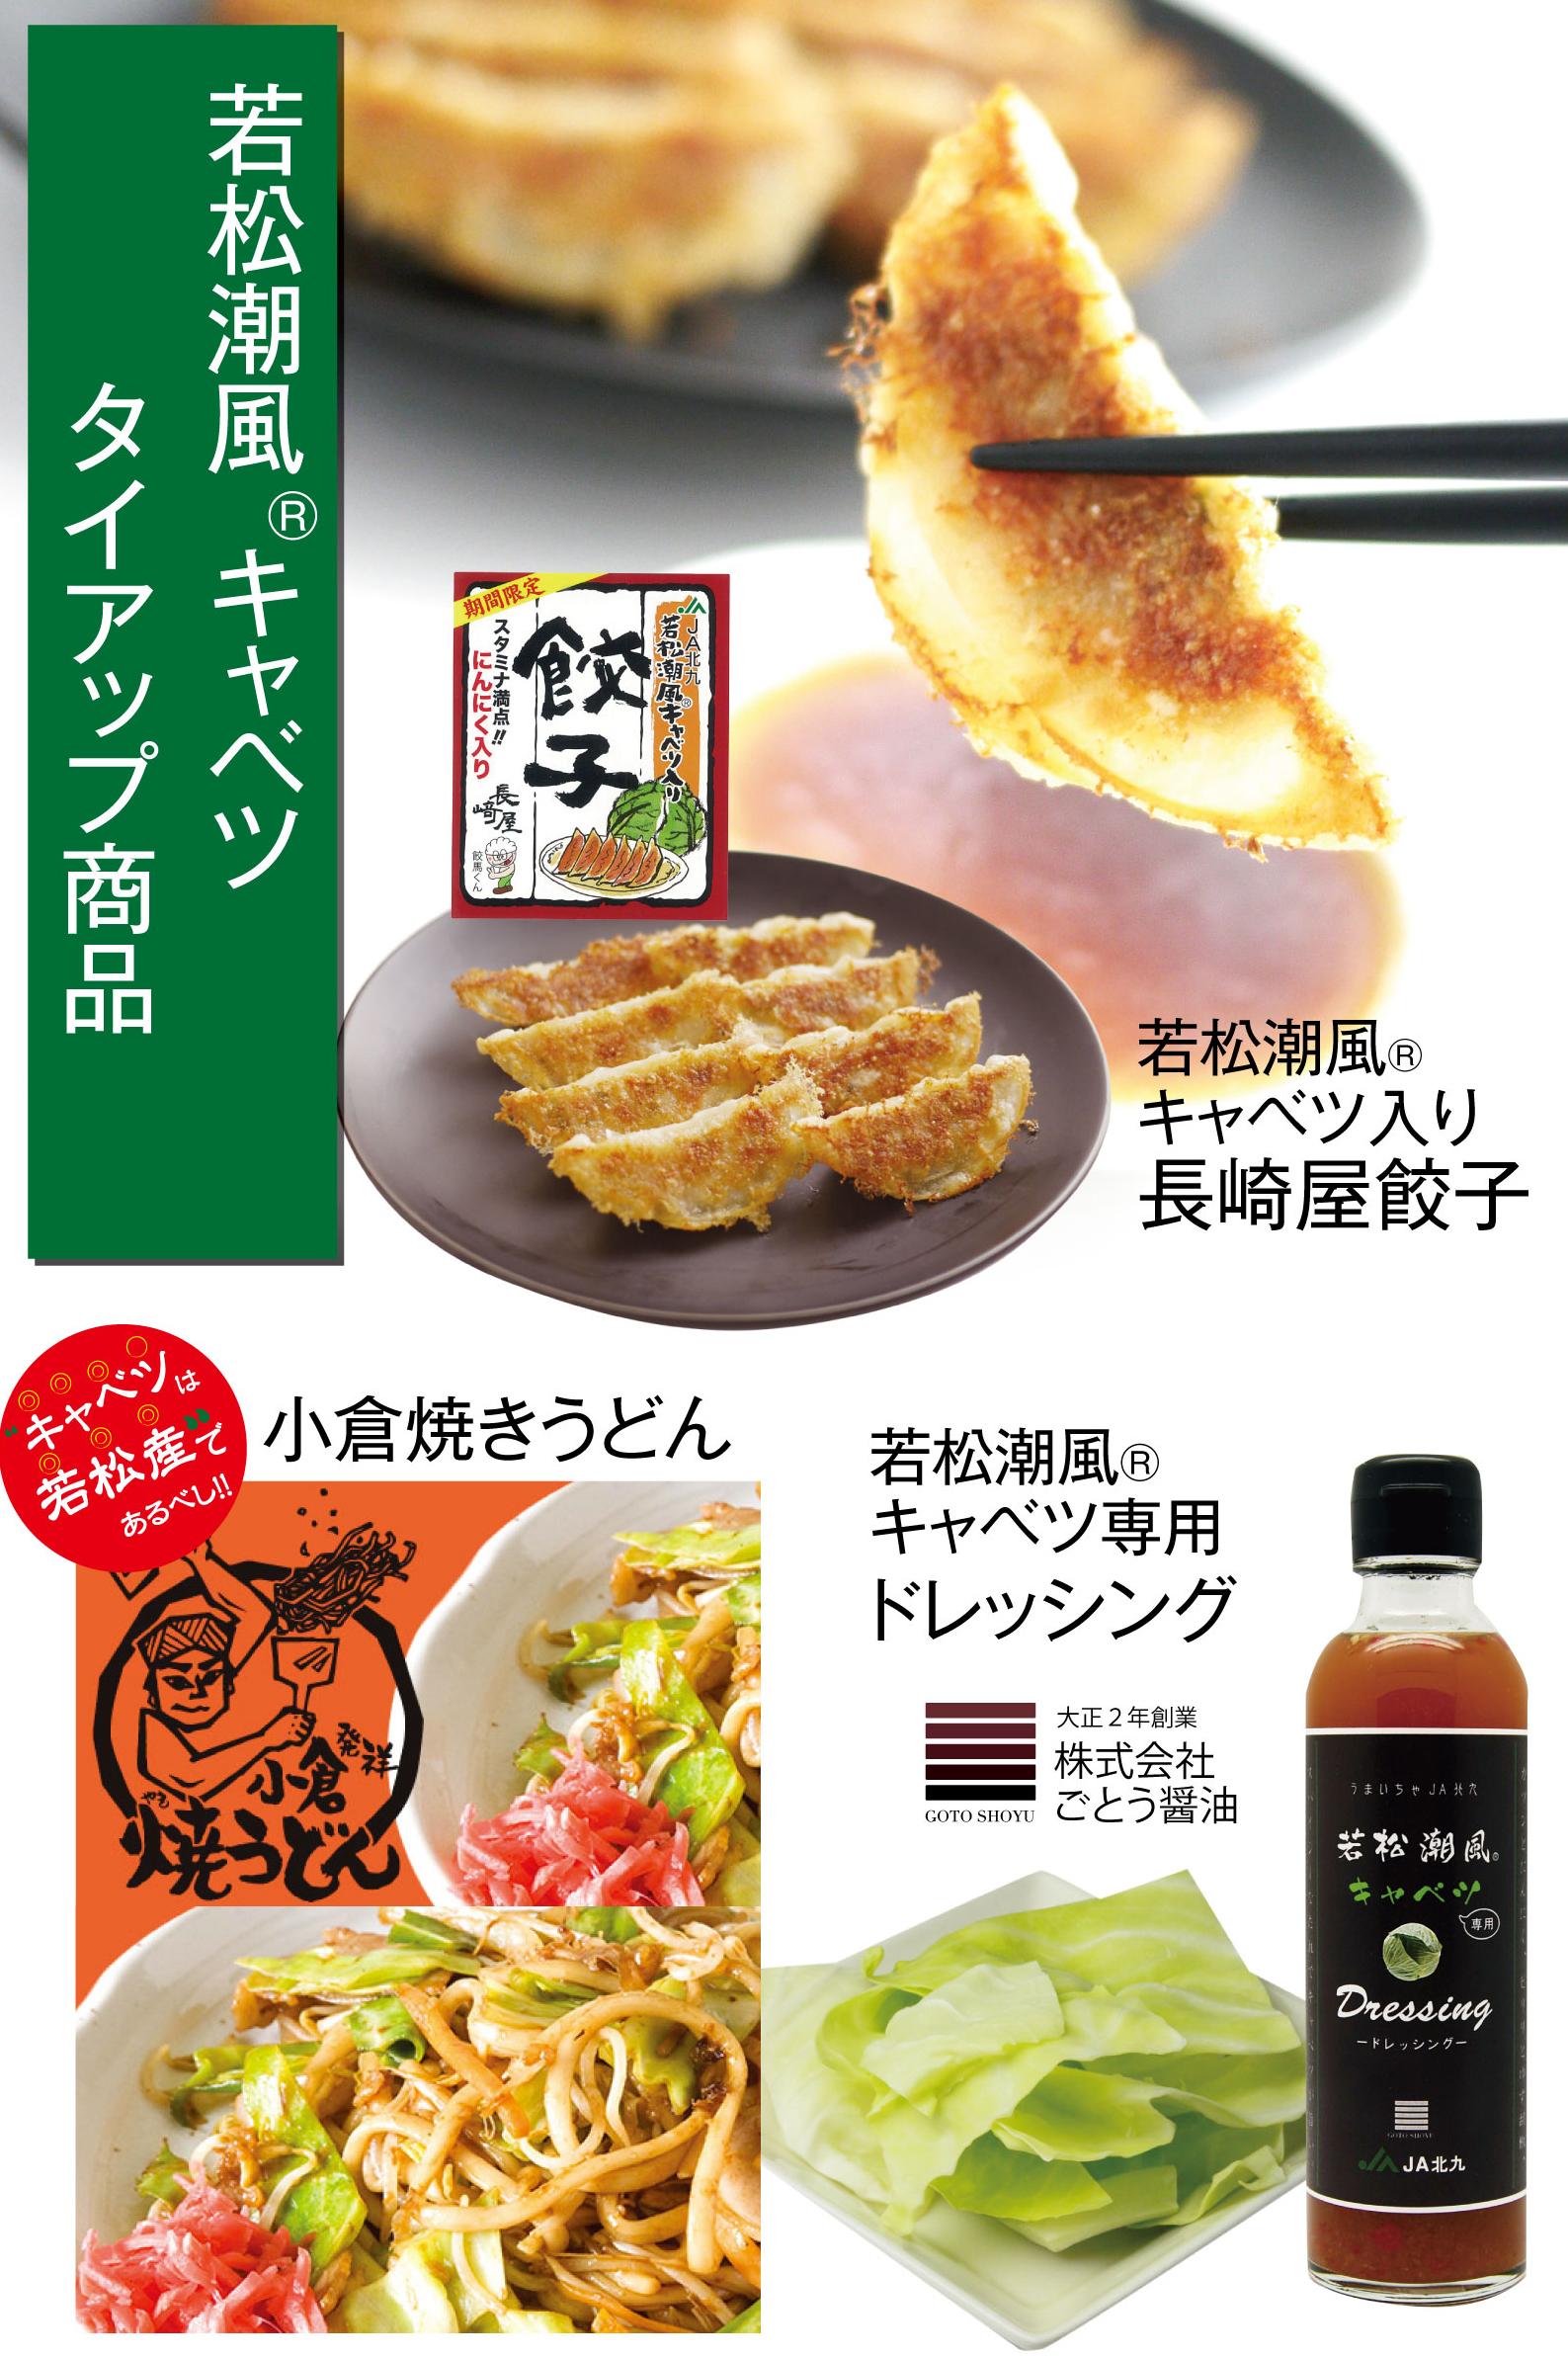 若松潮風キャベツタイアップ商品POP